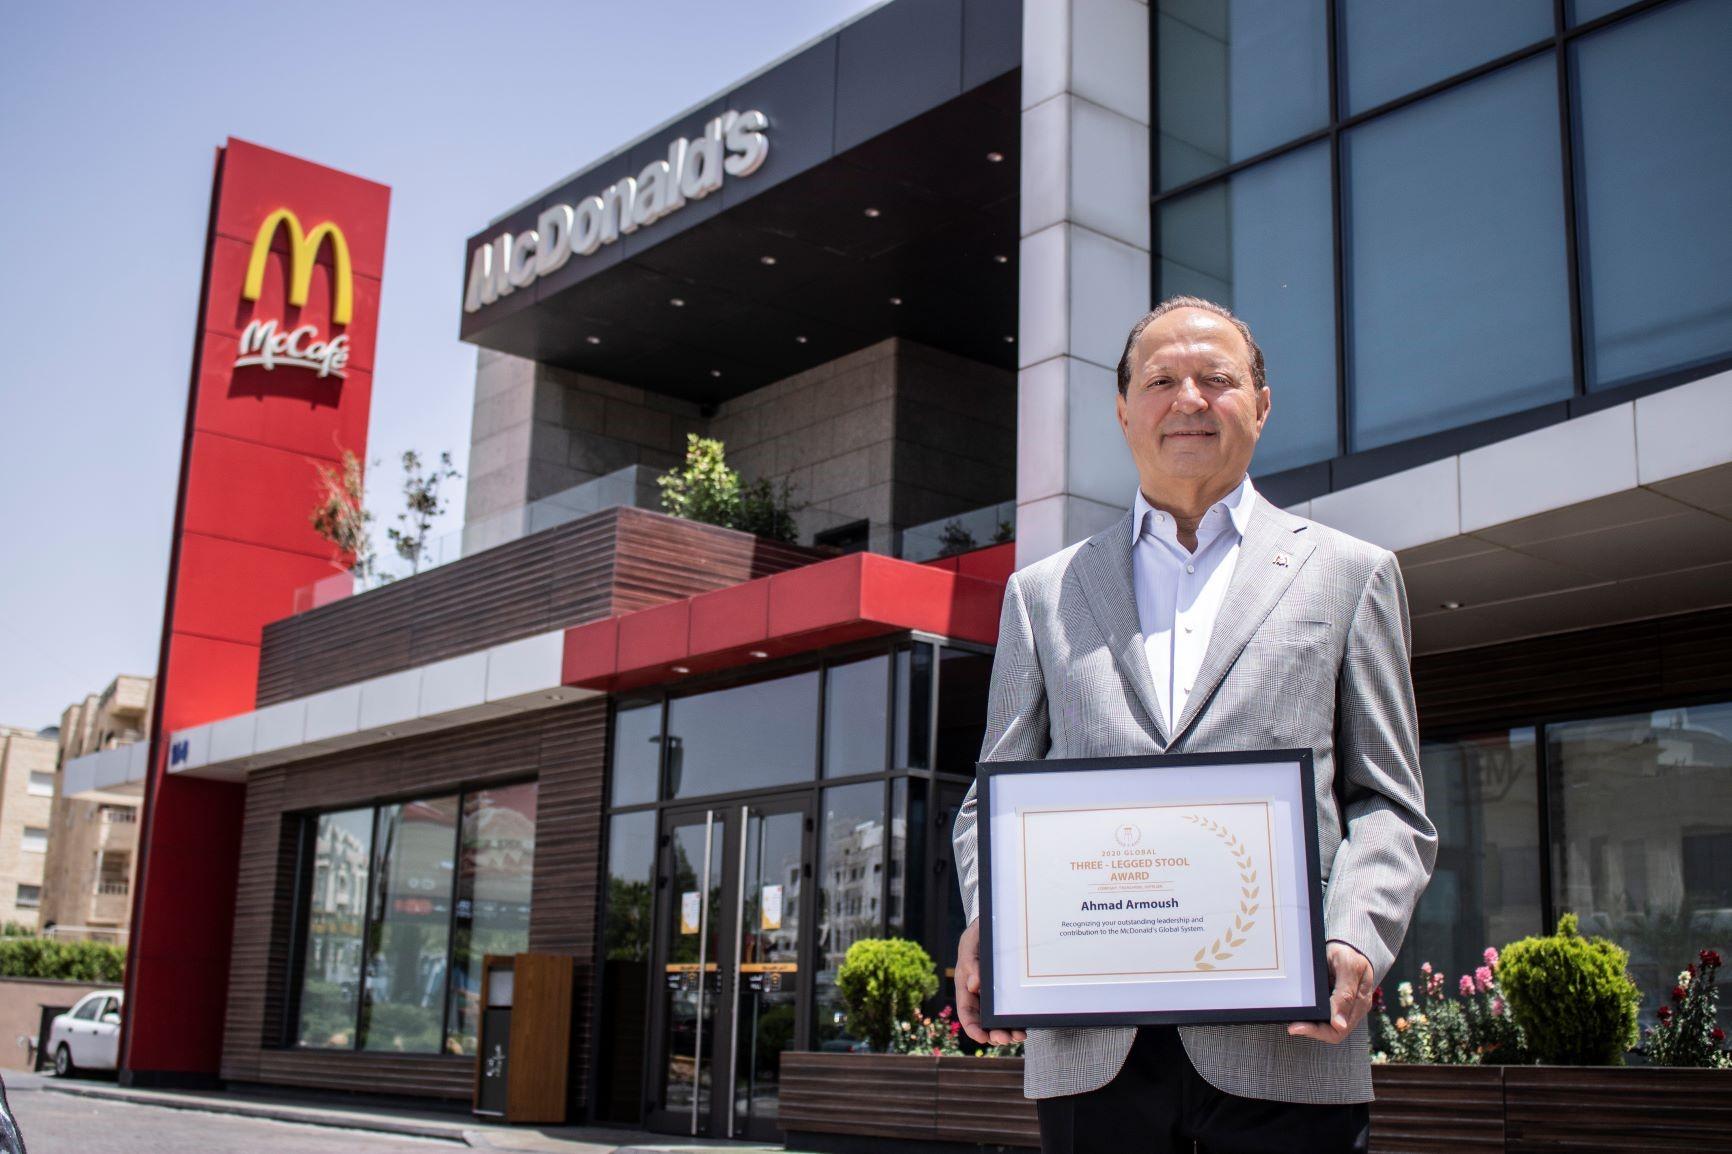 يحصد جائزة خدمه المجتمع من ماكدونالدز العالميه لدوره الأساسي بالمسؤولية المجتمعية 2020